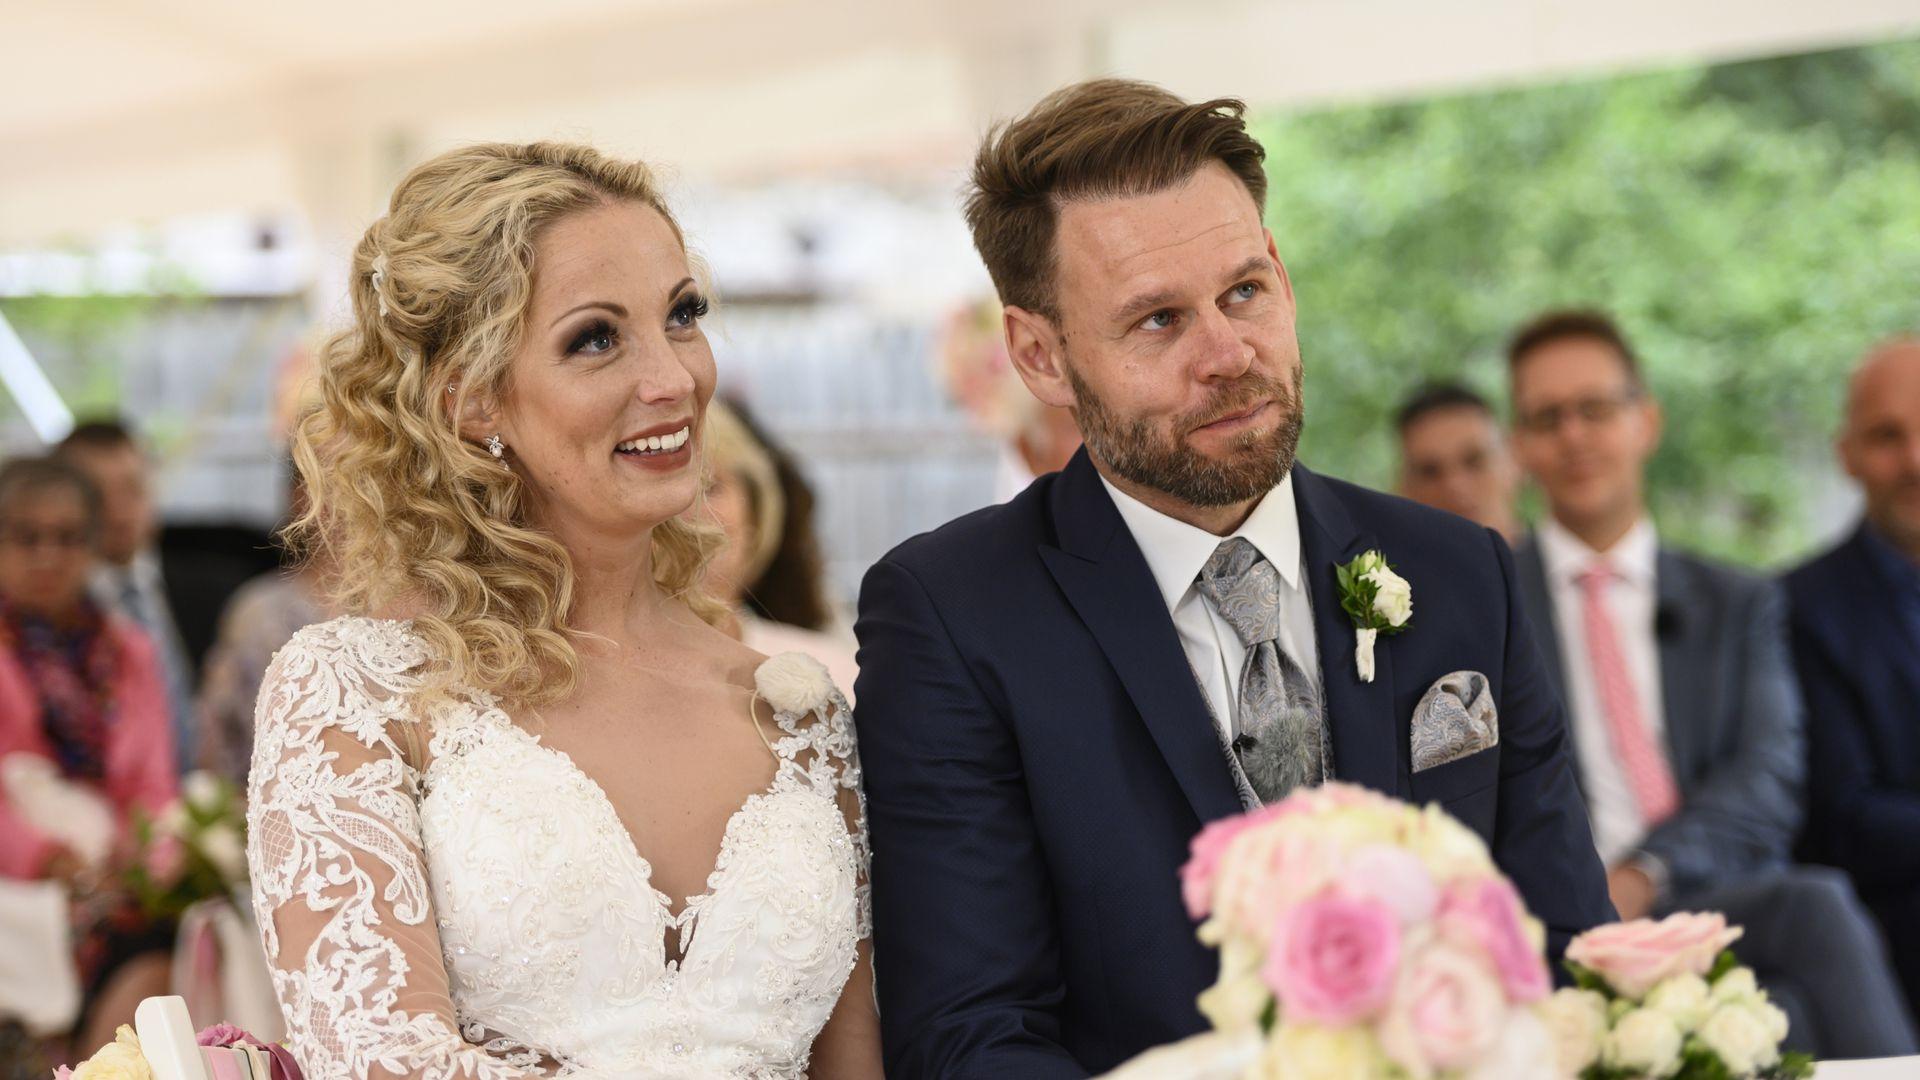 Hochzeit auf den ersten Blick: So war das erste Jawort